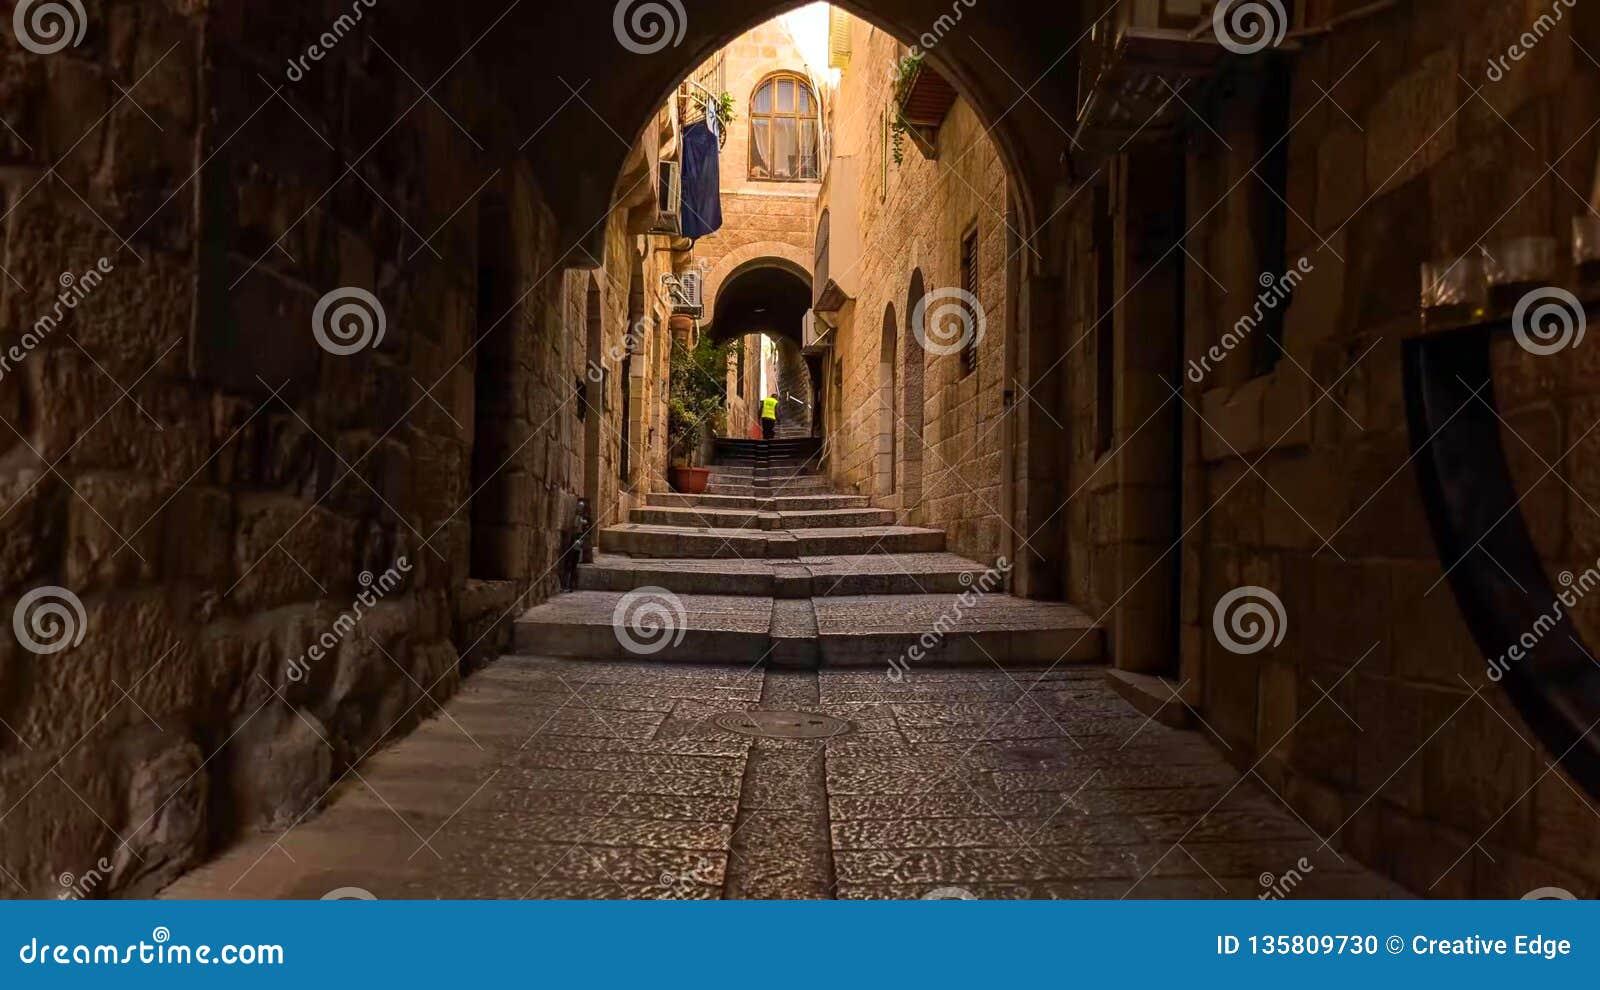 Horizonte de la ciudad vieja en la pared y la Explanada de las Mezquitas occidentales en Jerusalén, Israel